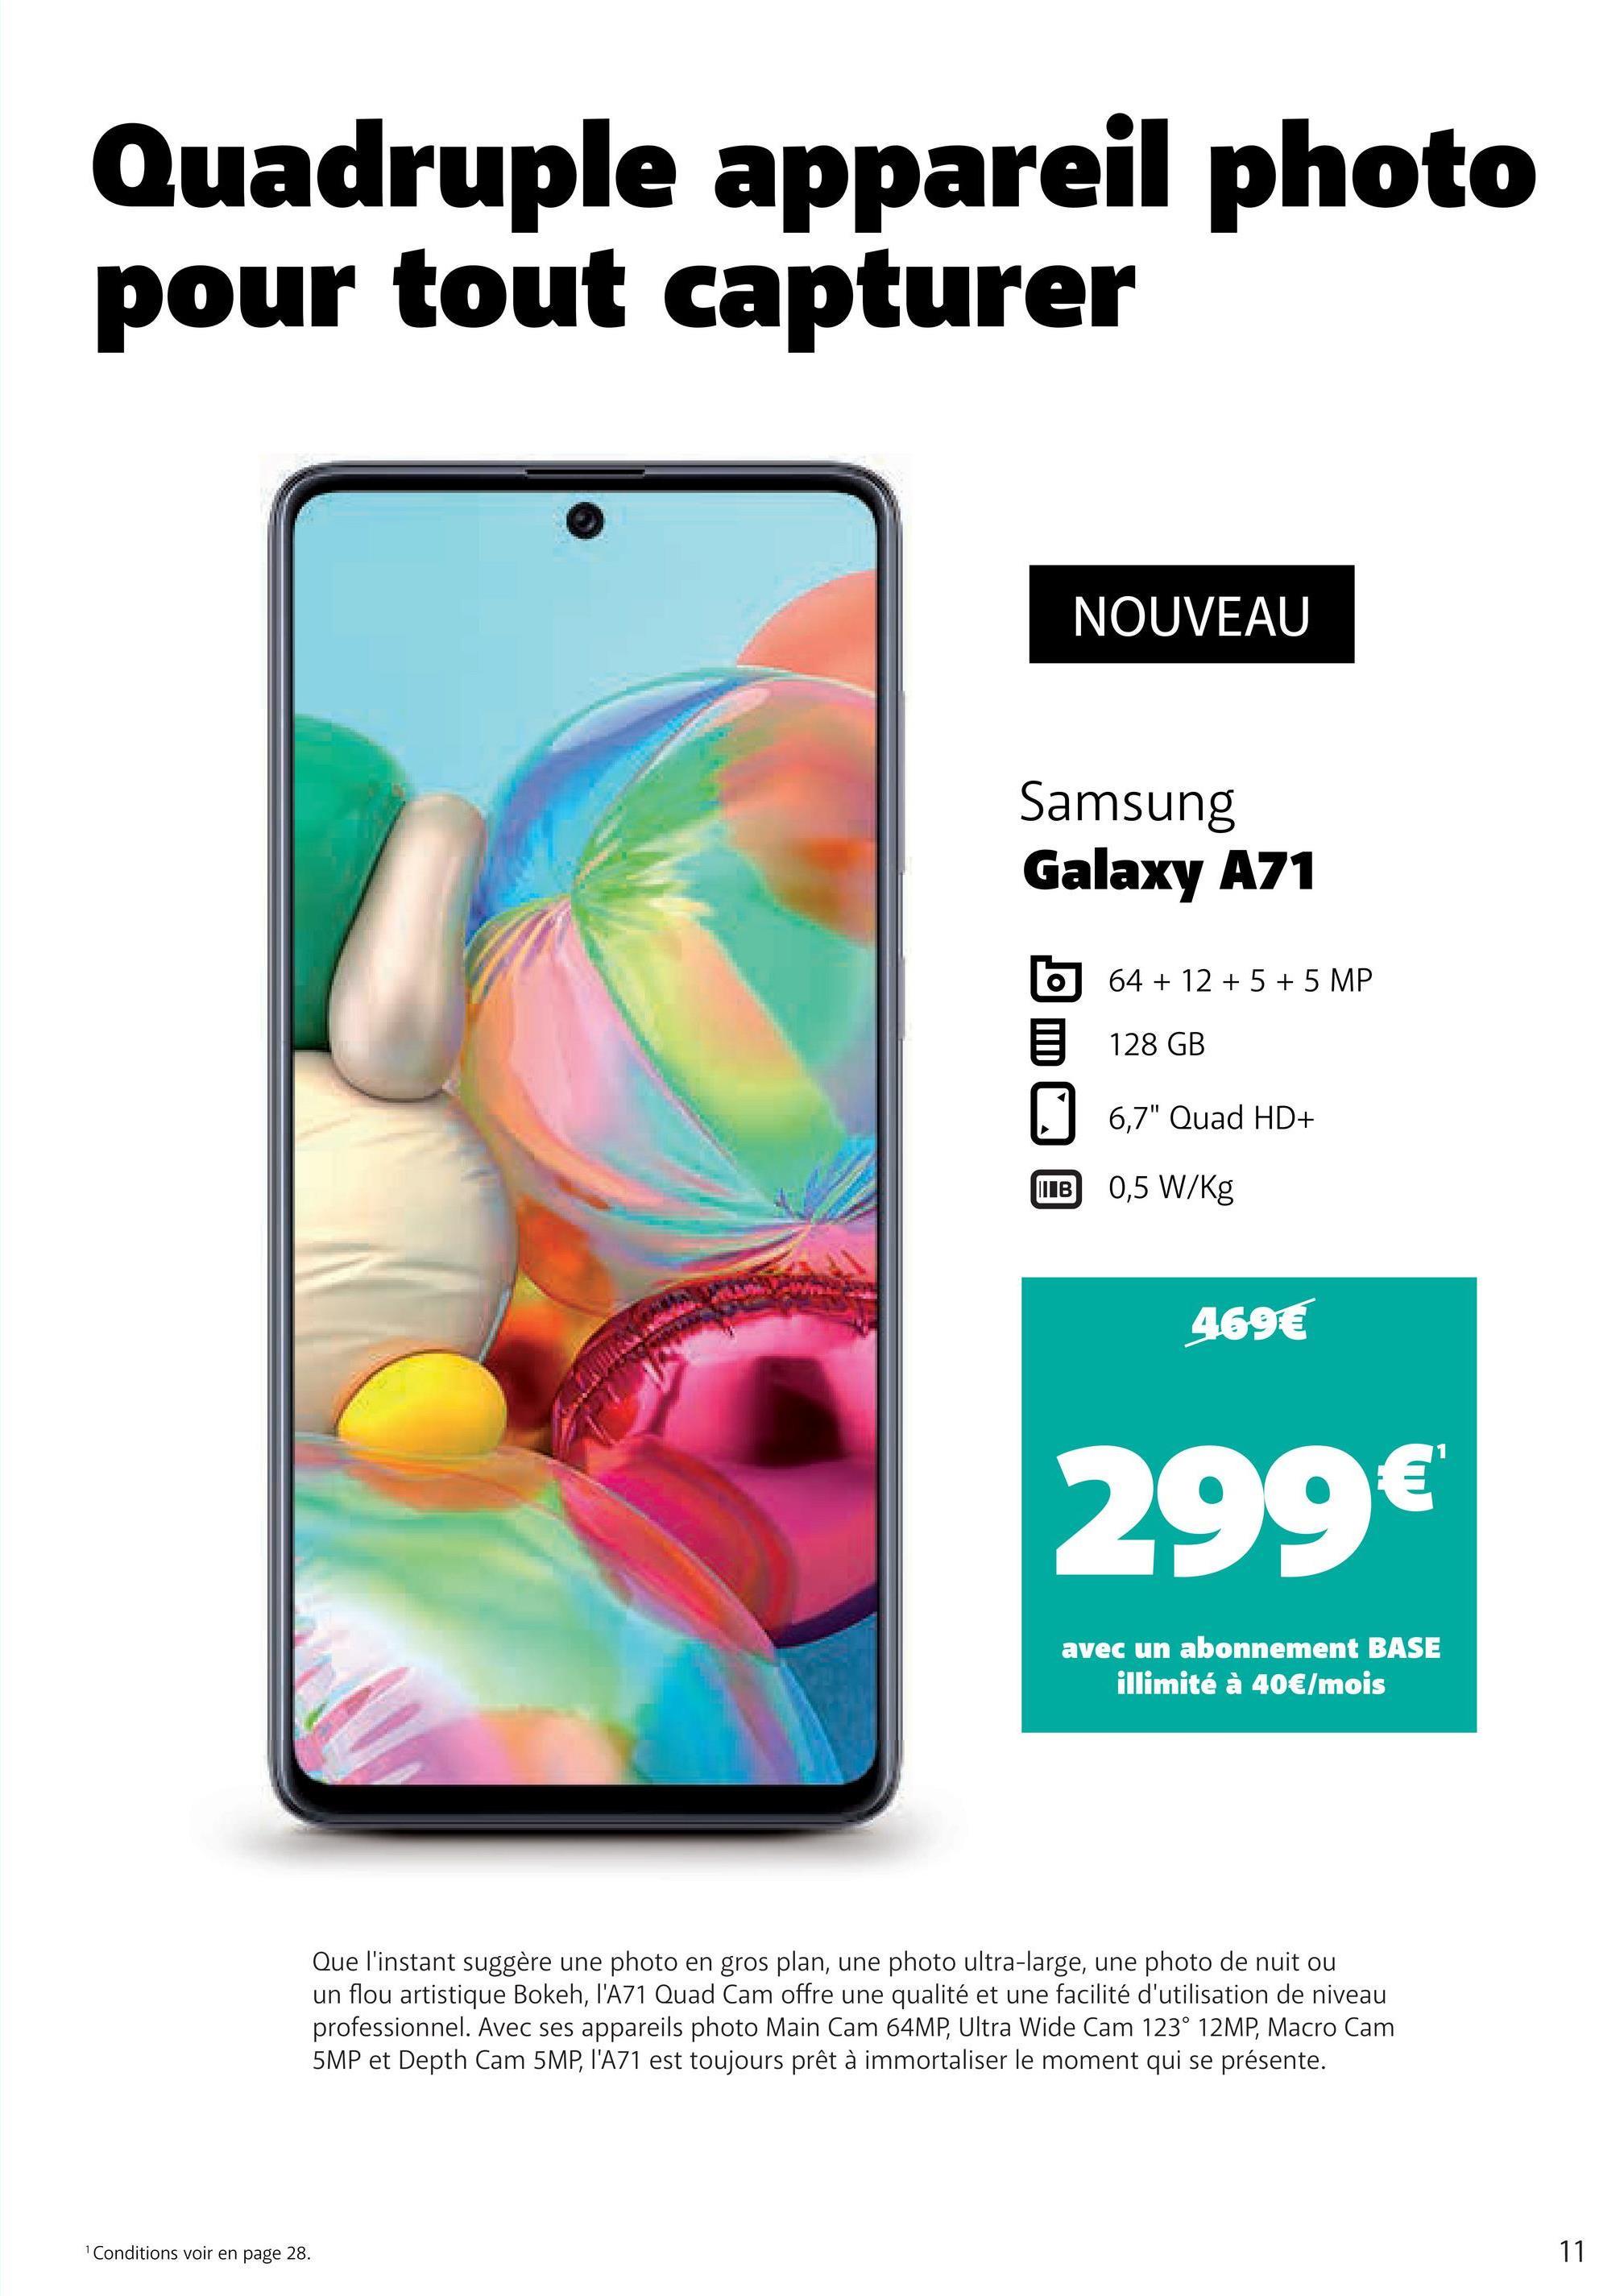 """Quadruple appareil photo pour tout capturer NOUVEAU Samsung Galaxy A71 6 5 64 + 12 + 5 + 5 MP 128 GB 6,7"""" Quad HD+ B 0,5 W/kg 469€ 299€ avec un abonnement BASE illimité à 40€/mois Que l'instant suggère une photo en gros plan, une photo ultra-large, une photo de nuit ou un flou artistique Bokeh, l'A71 Quad Cam offre une qualité et une facilité d'utilisation de niveau professionnel. Avec ses appareils photo Main Cam 64MP, Ultra Wide Cam 123° 12MP, Macro Cam 5MP et Depth Cam 5MP, l'A71 est toujours prêt à immortaliser le moment qui se présente. Conditions voir en page 28."""